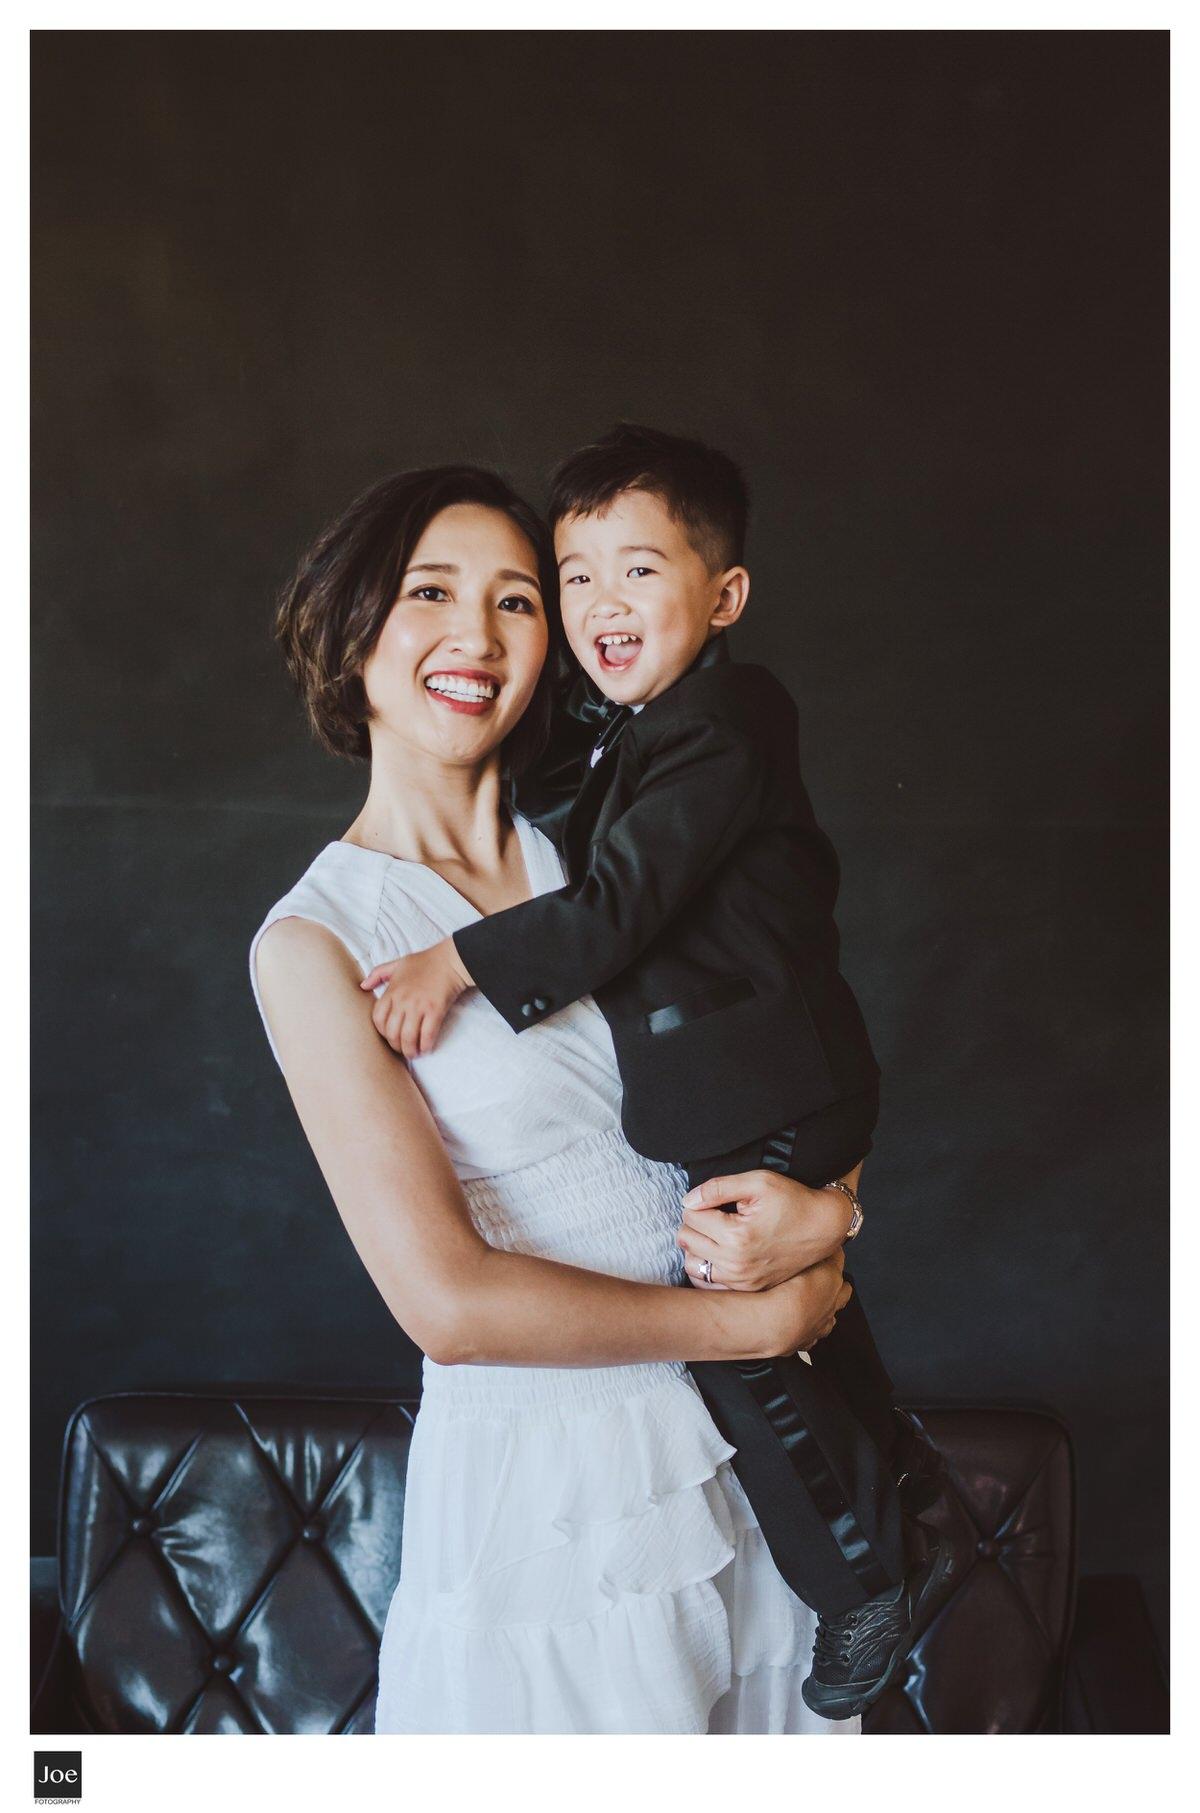 joe-fotography-family-photo-010.jpg